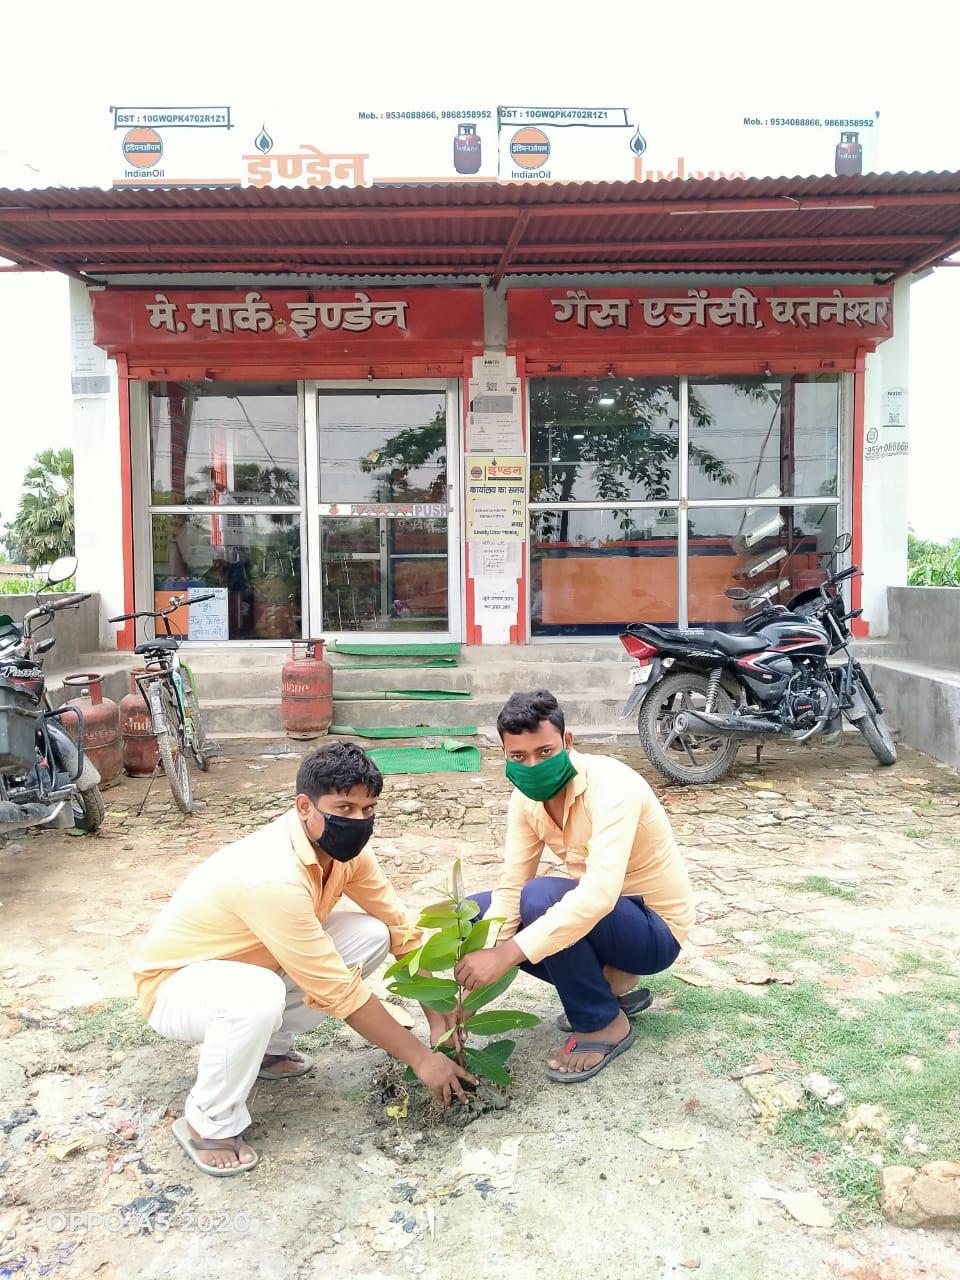 समस्तीपुर :विश्व पर्यावरण दिवस के अवसर पर मार्क इंडेन गैस एजेंसी के द्वारा वृक्षारोपण किया गया।